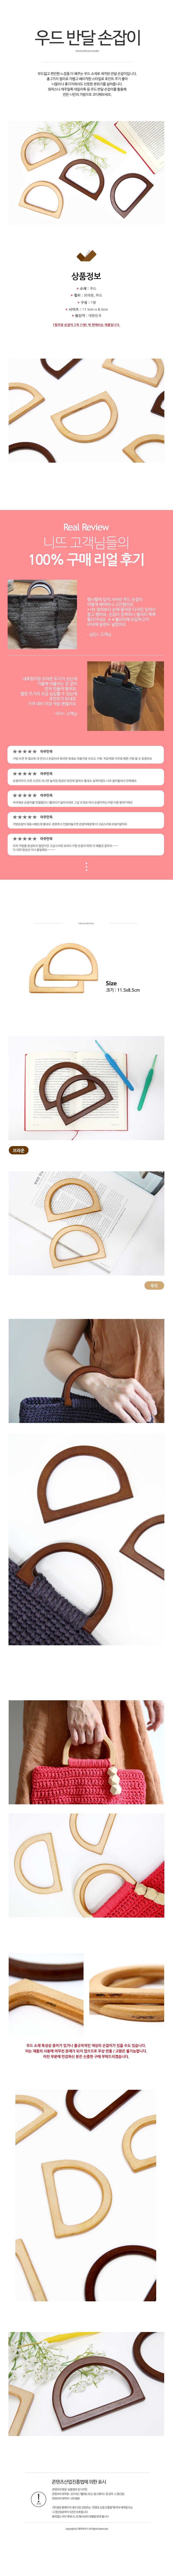 니뜨 우드 반달 손잡이 (1쌍) - 니뜨, 10,000원, 뜨개질, 뜨개질 부자재